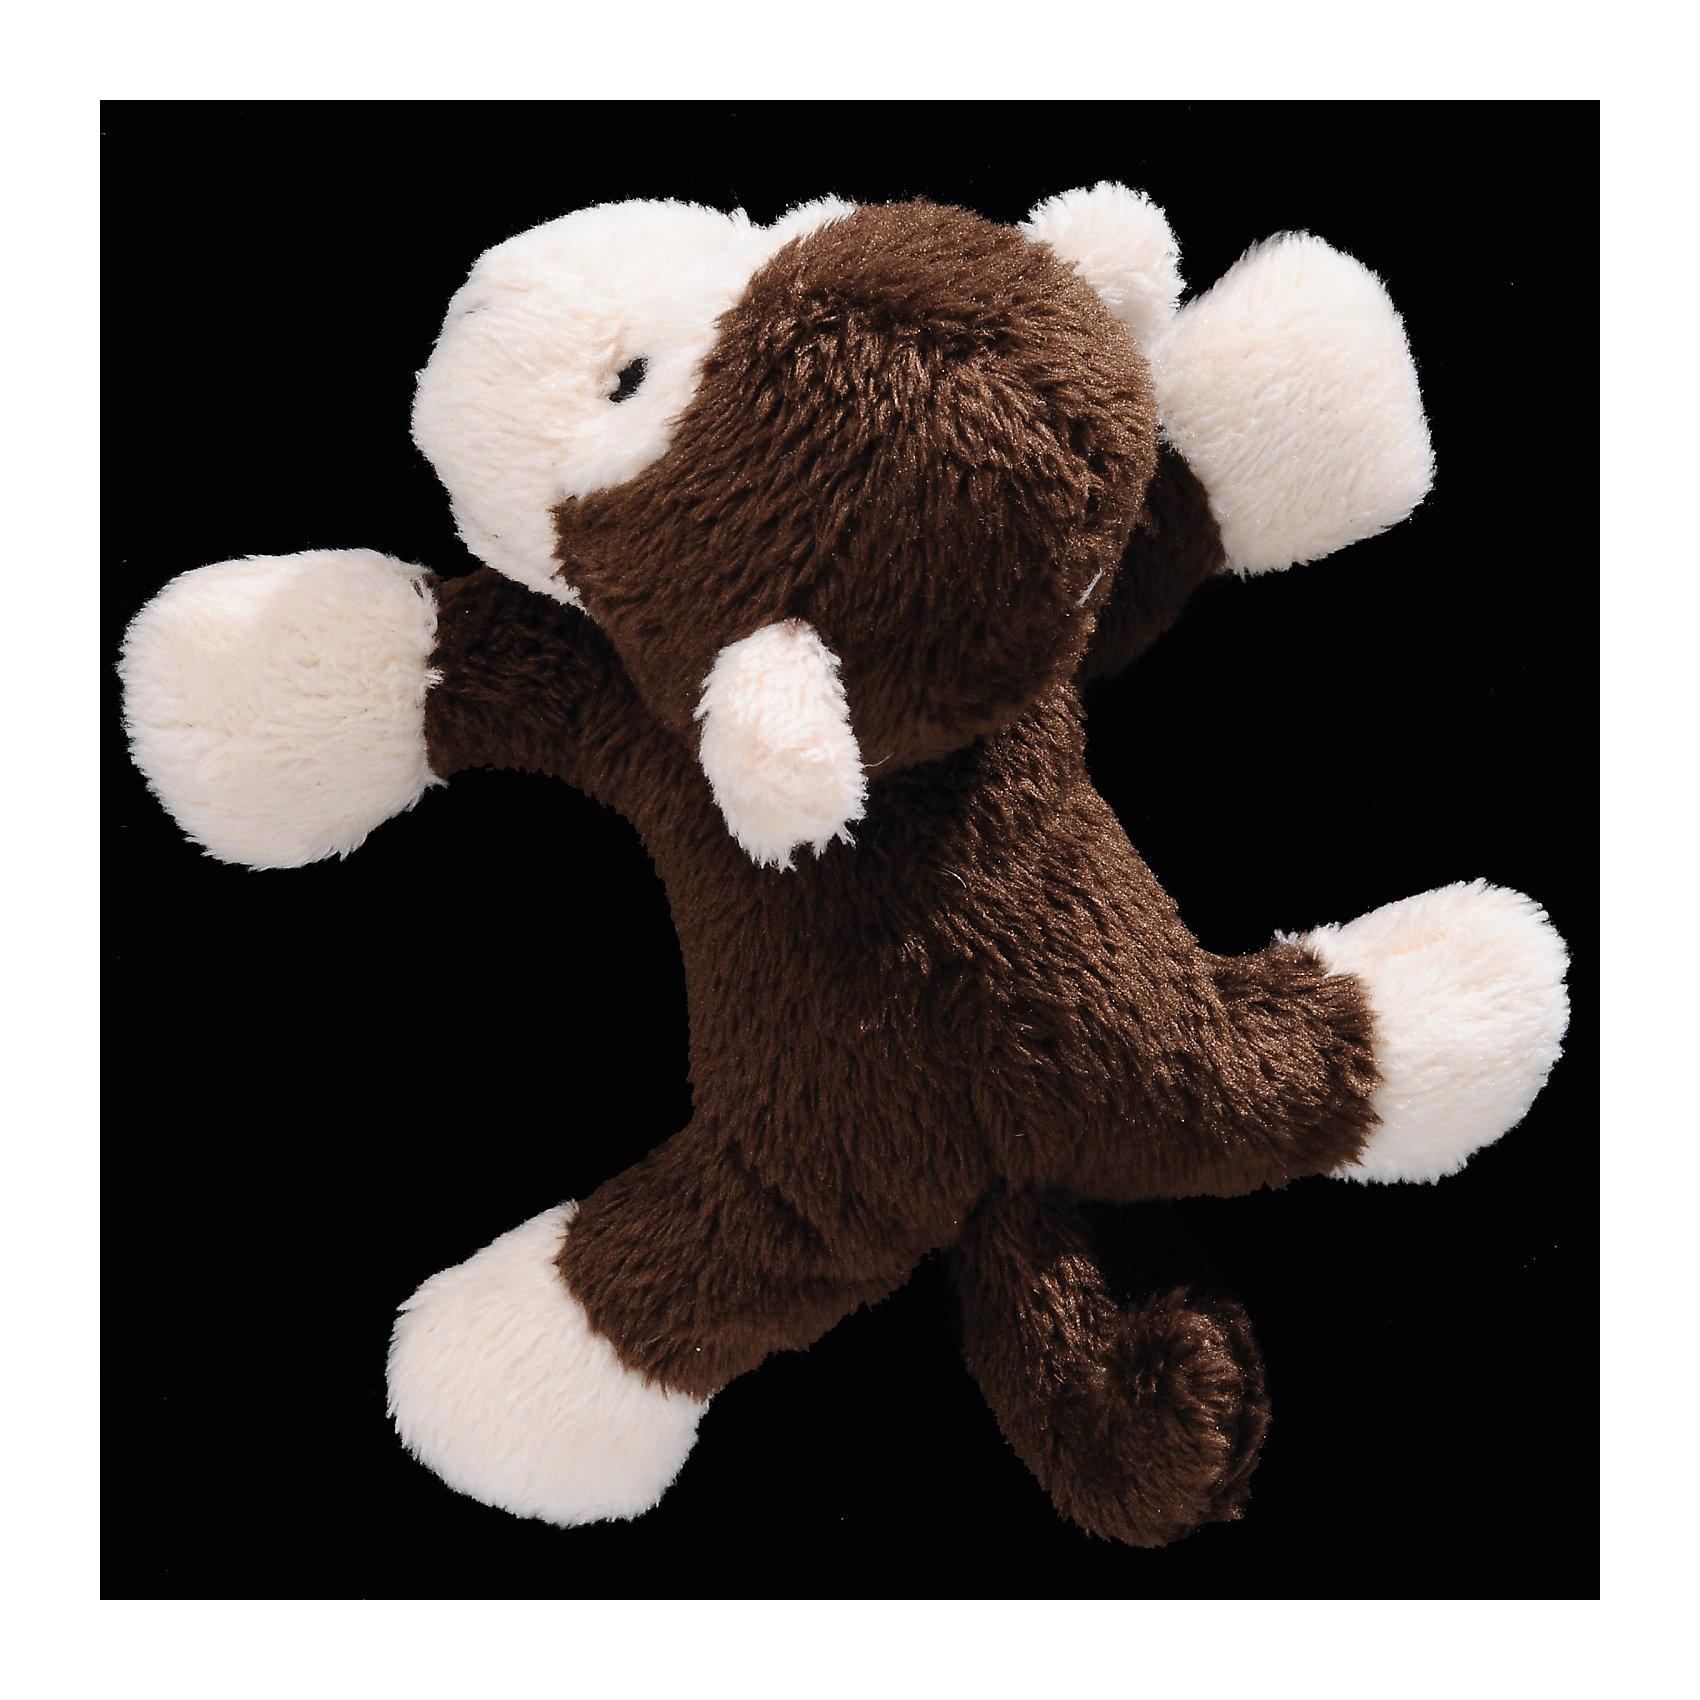 Игрушка-сувенир Капуцин на магнитах 10 смИгрушка-сувенир Капуцин на магнитах 10 см выполнена в виде обезьянки из меха и имеет шарнирное соединение в шее, что позволит ей крутить головой! Игрушка «Капуцин»  станет не просто украшением на холодильник, но и будет гарантировать хорошее настроение и приносить удачу весь предстоящий год!<br><br>Дополнительная информация:<br>-Материалы: текстиль, магнит<br>-Размер в упаковке: 8х6х10 см<br>-Вес в упаковке: 21 г<br>-Размер: 10 см<br><br>Игрушка-сувенир Капуцин на магнитах 10 см можно купить в нашем магазине.<br><br>Ширина мм: 80<br>Глубина мм: 60<br>Высота мм: 100<br>Вес г: 21<br>Возраст от месяцев: 84<br>Возраст до месяцев: 2147483647<br>Пол: Унисекс<br>Возраст: Детский<br>SKU: 4286675